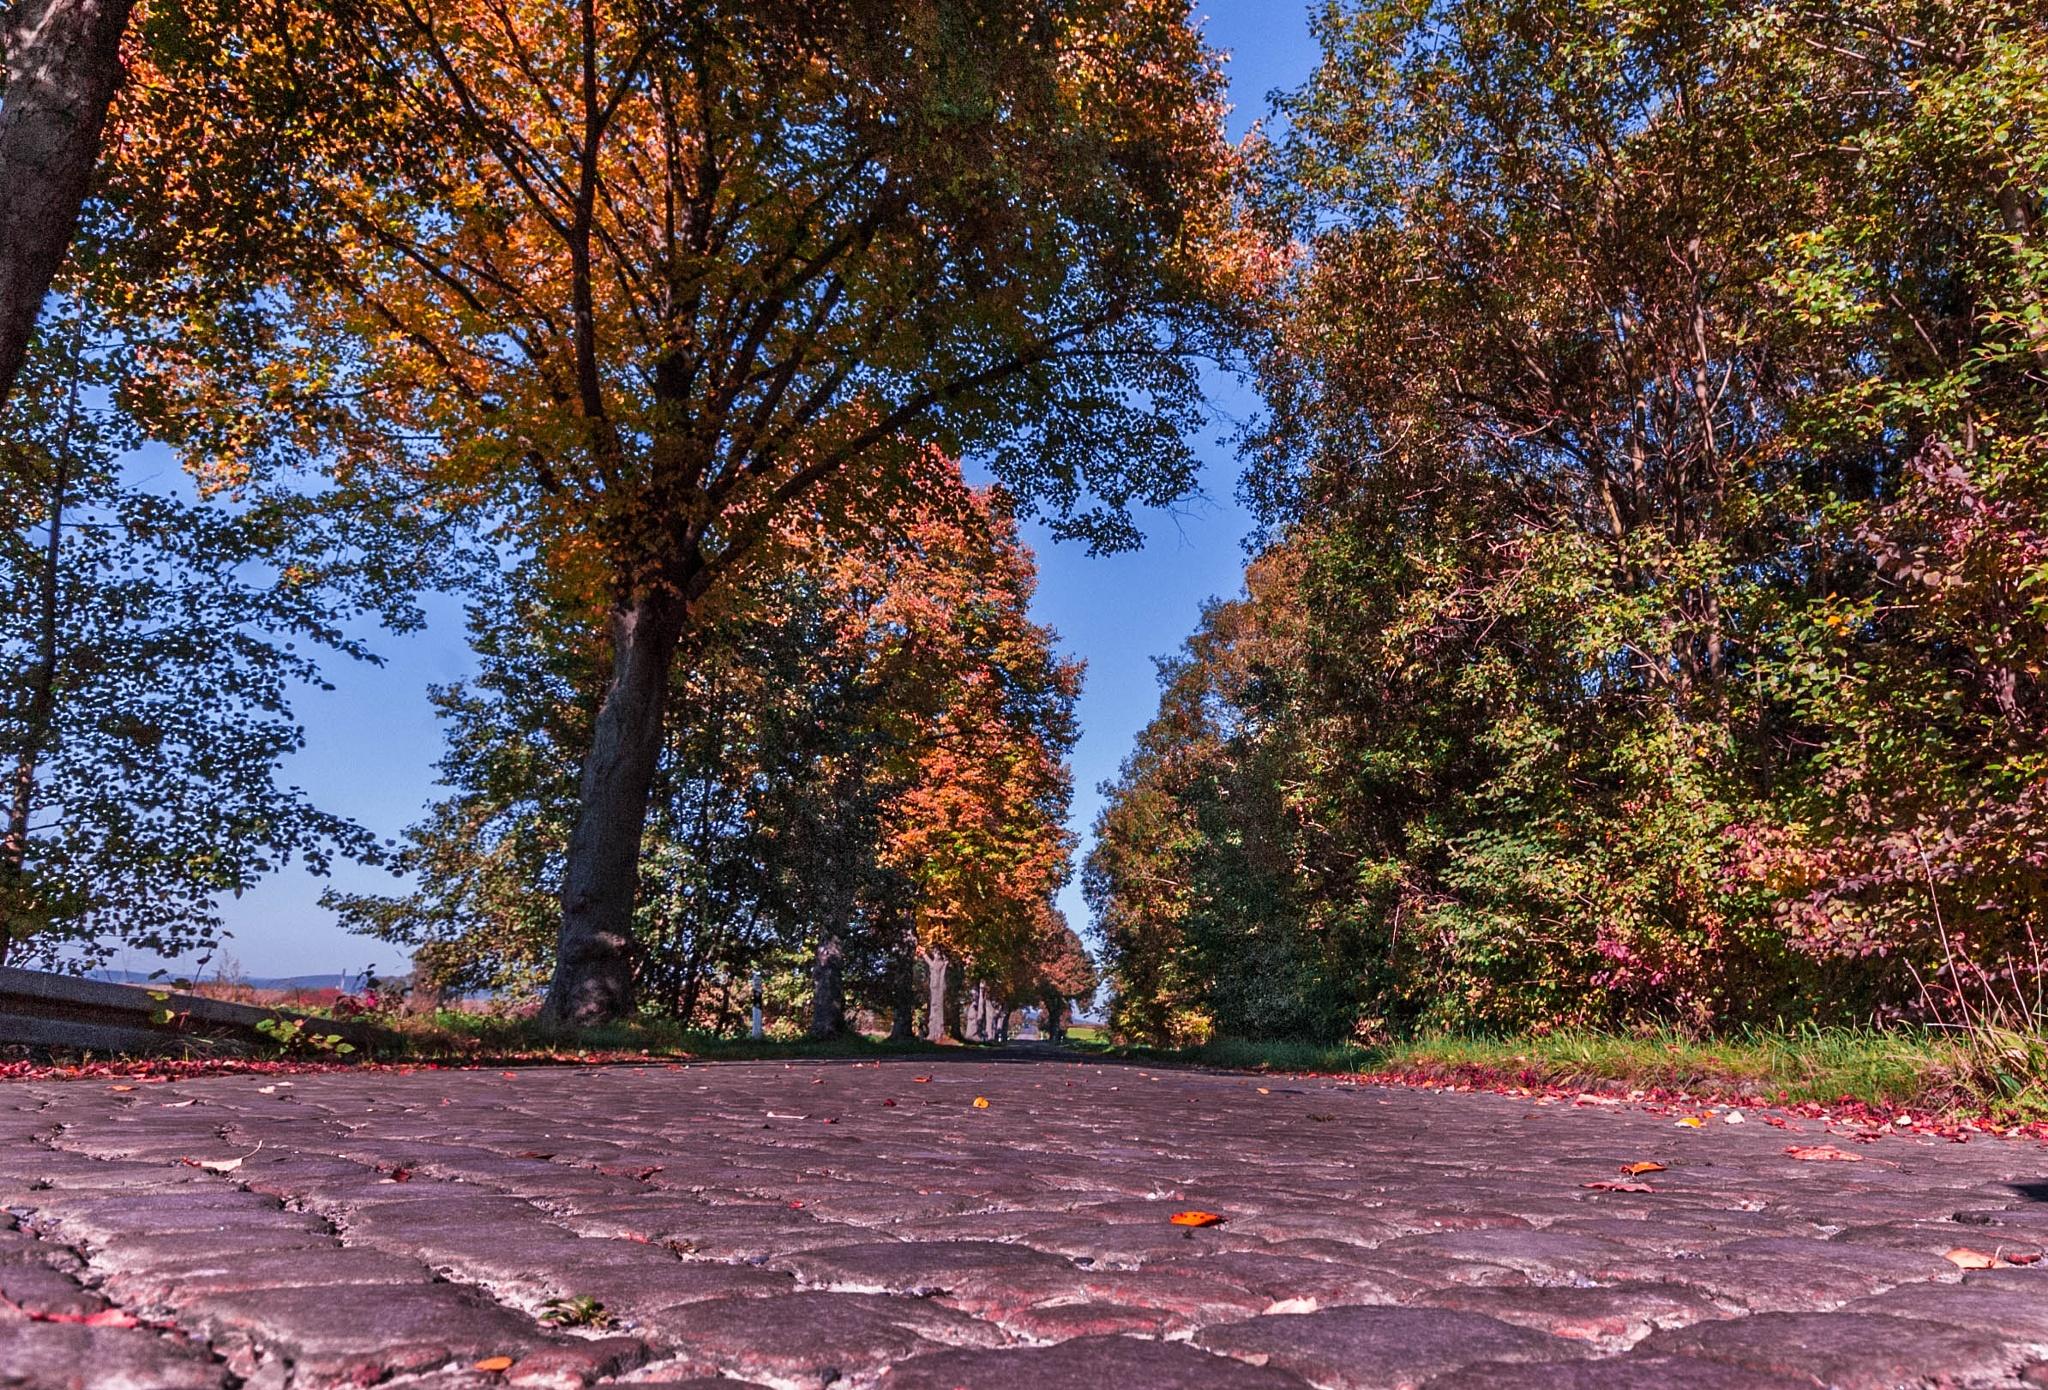 Herbstliche Allee by SRehberg